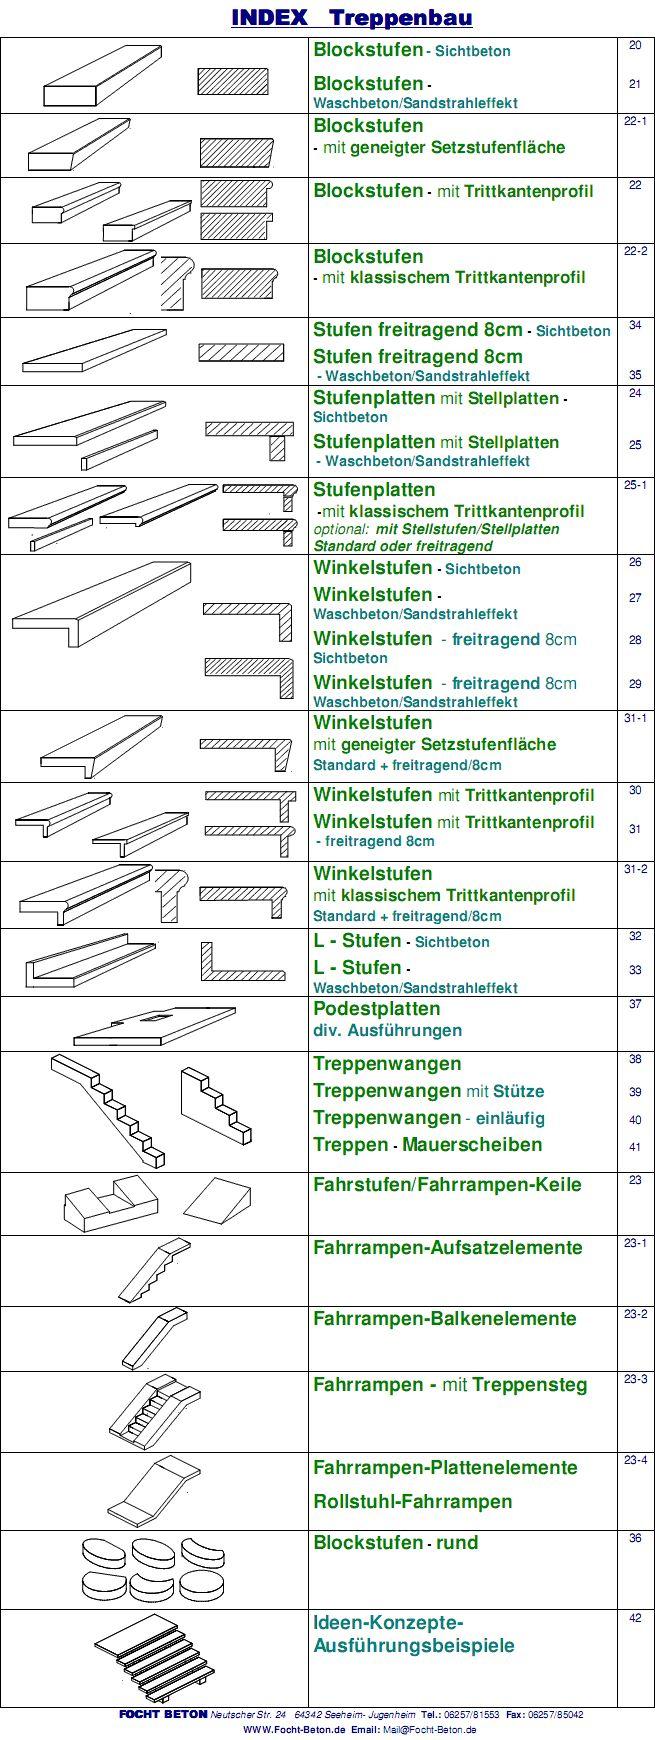 Treppenbau INDEXSEITE - Betonfertigteile in Maßanfertigung